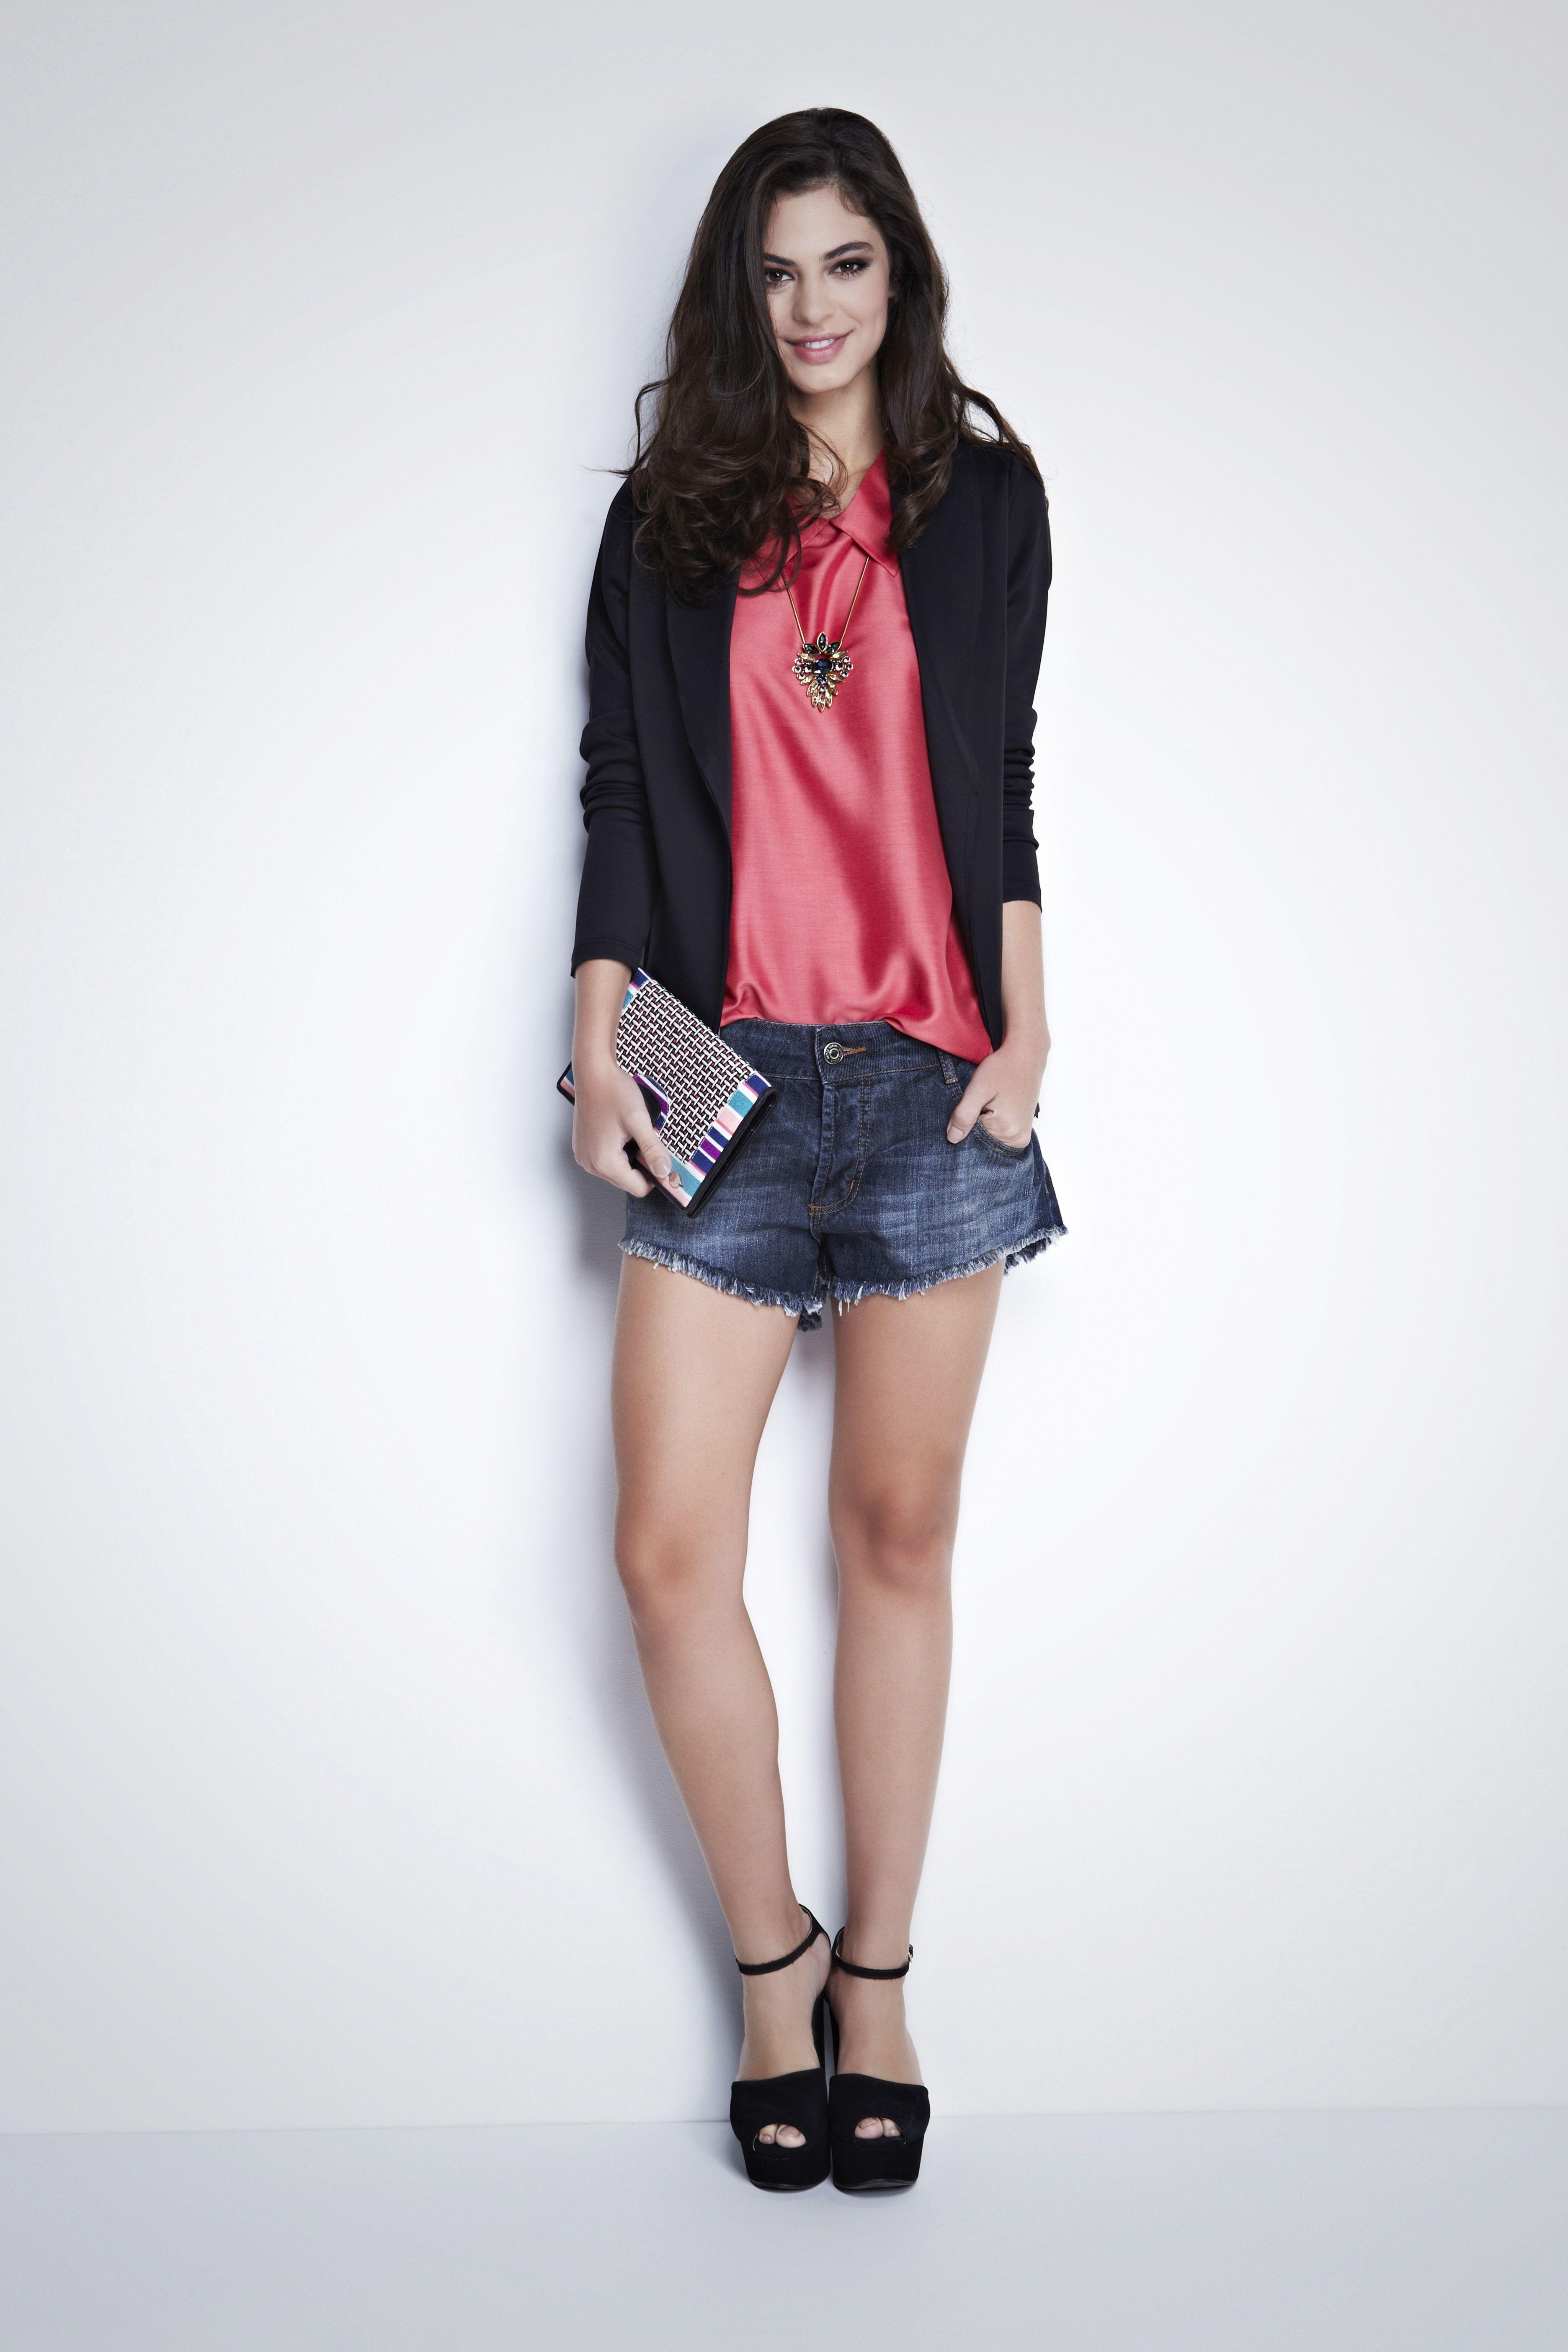 O Blazer preto joinville e uma e uma excelente opção para produzir looks arrumados porém descolados. Peça estilosa e casual que faz toda a diferença no guarda roupa feminino. http://www.mybasic.com.br/blazerjoinville/p